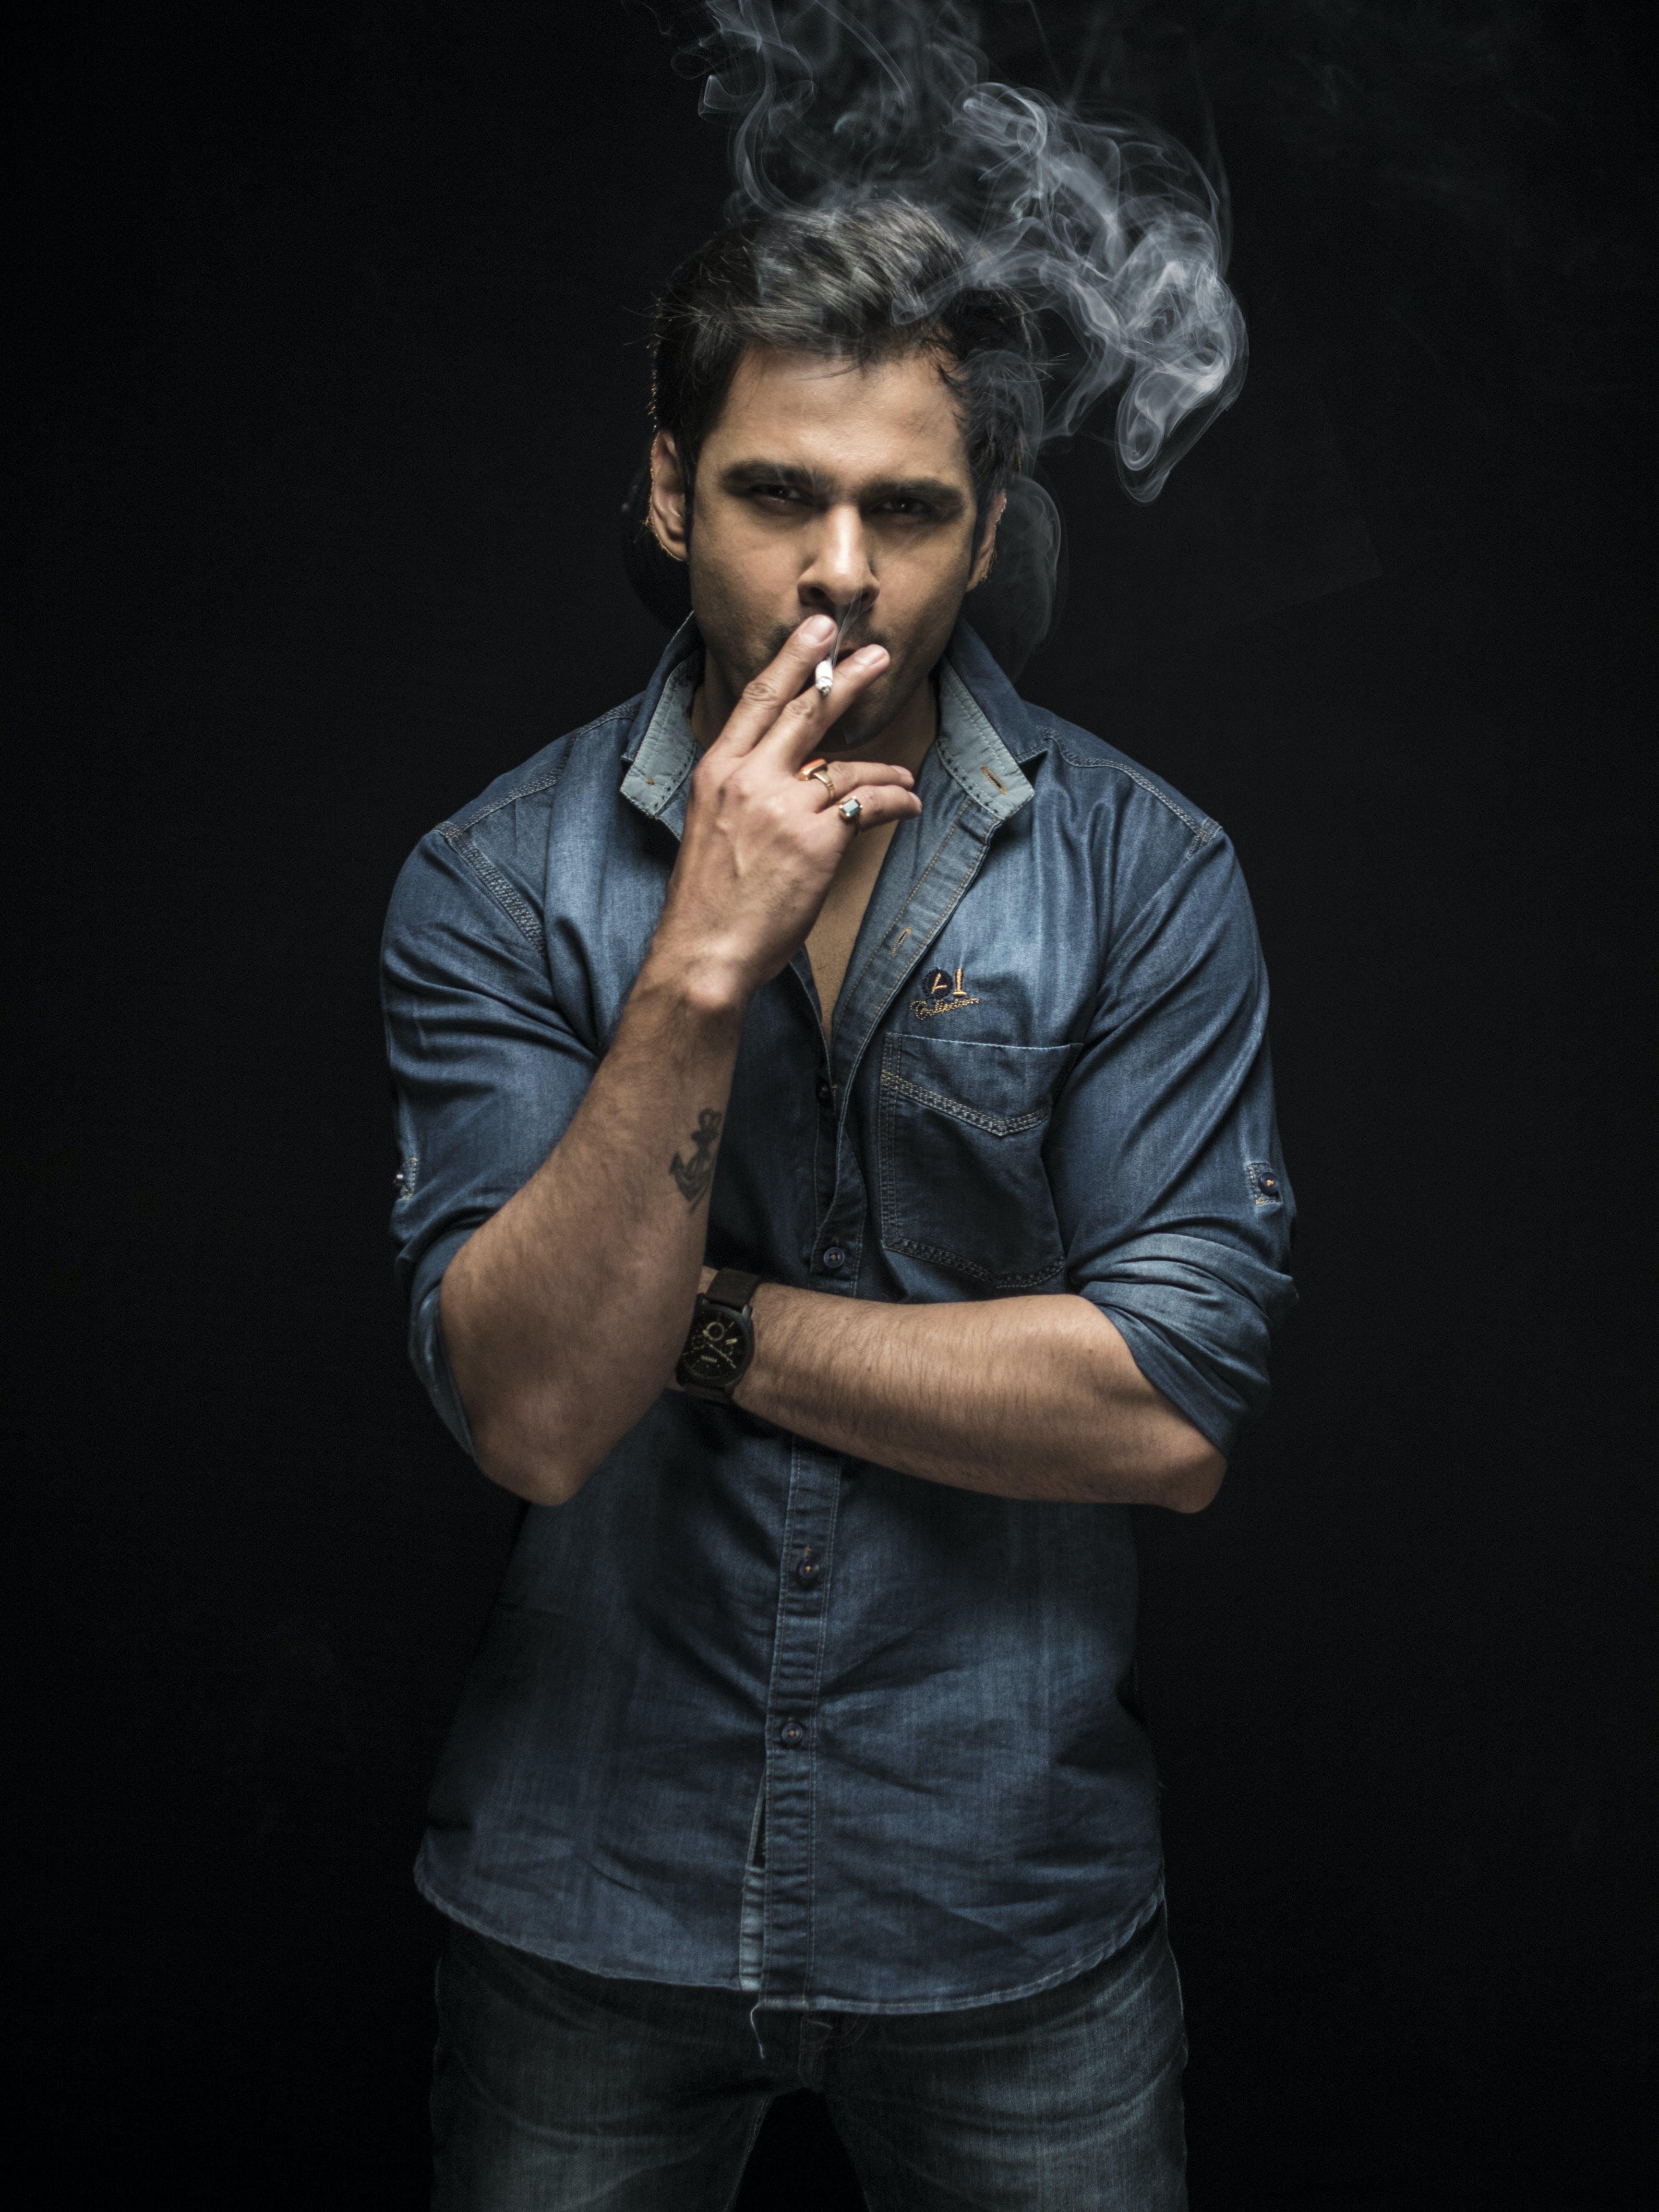 Free stock photo of cigarette, low key, man, smoke